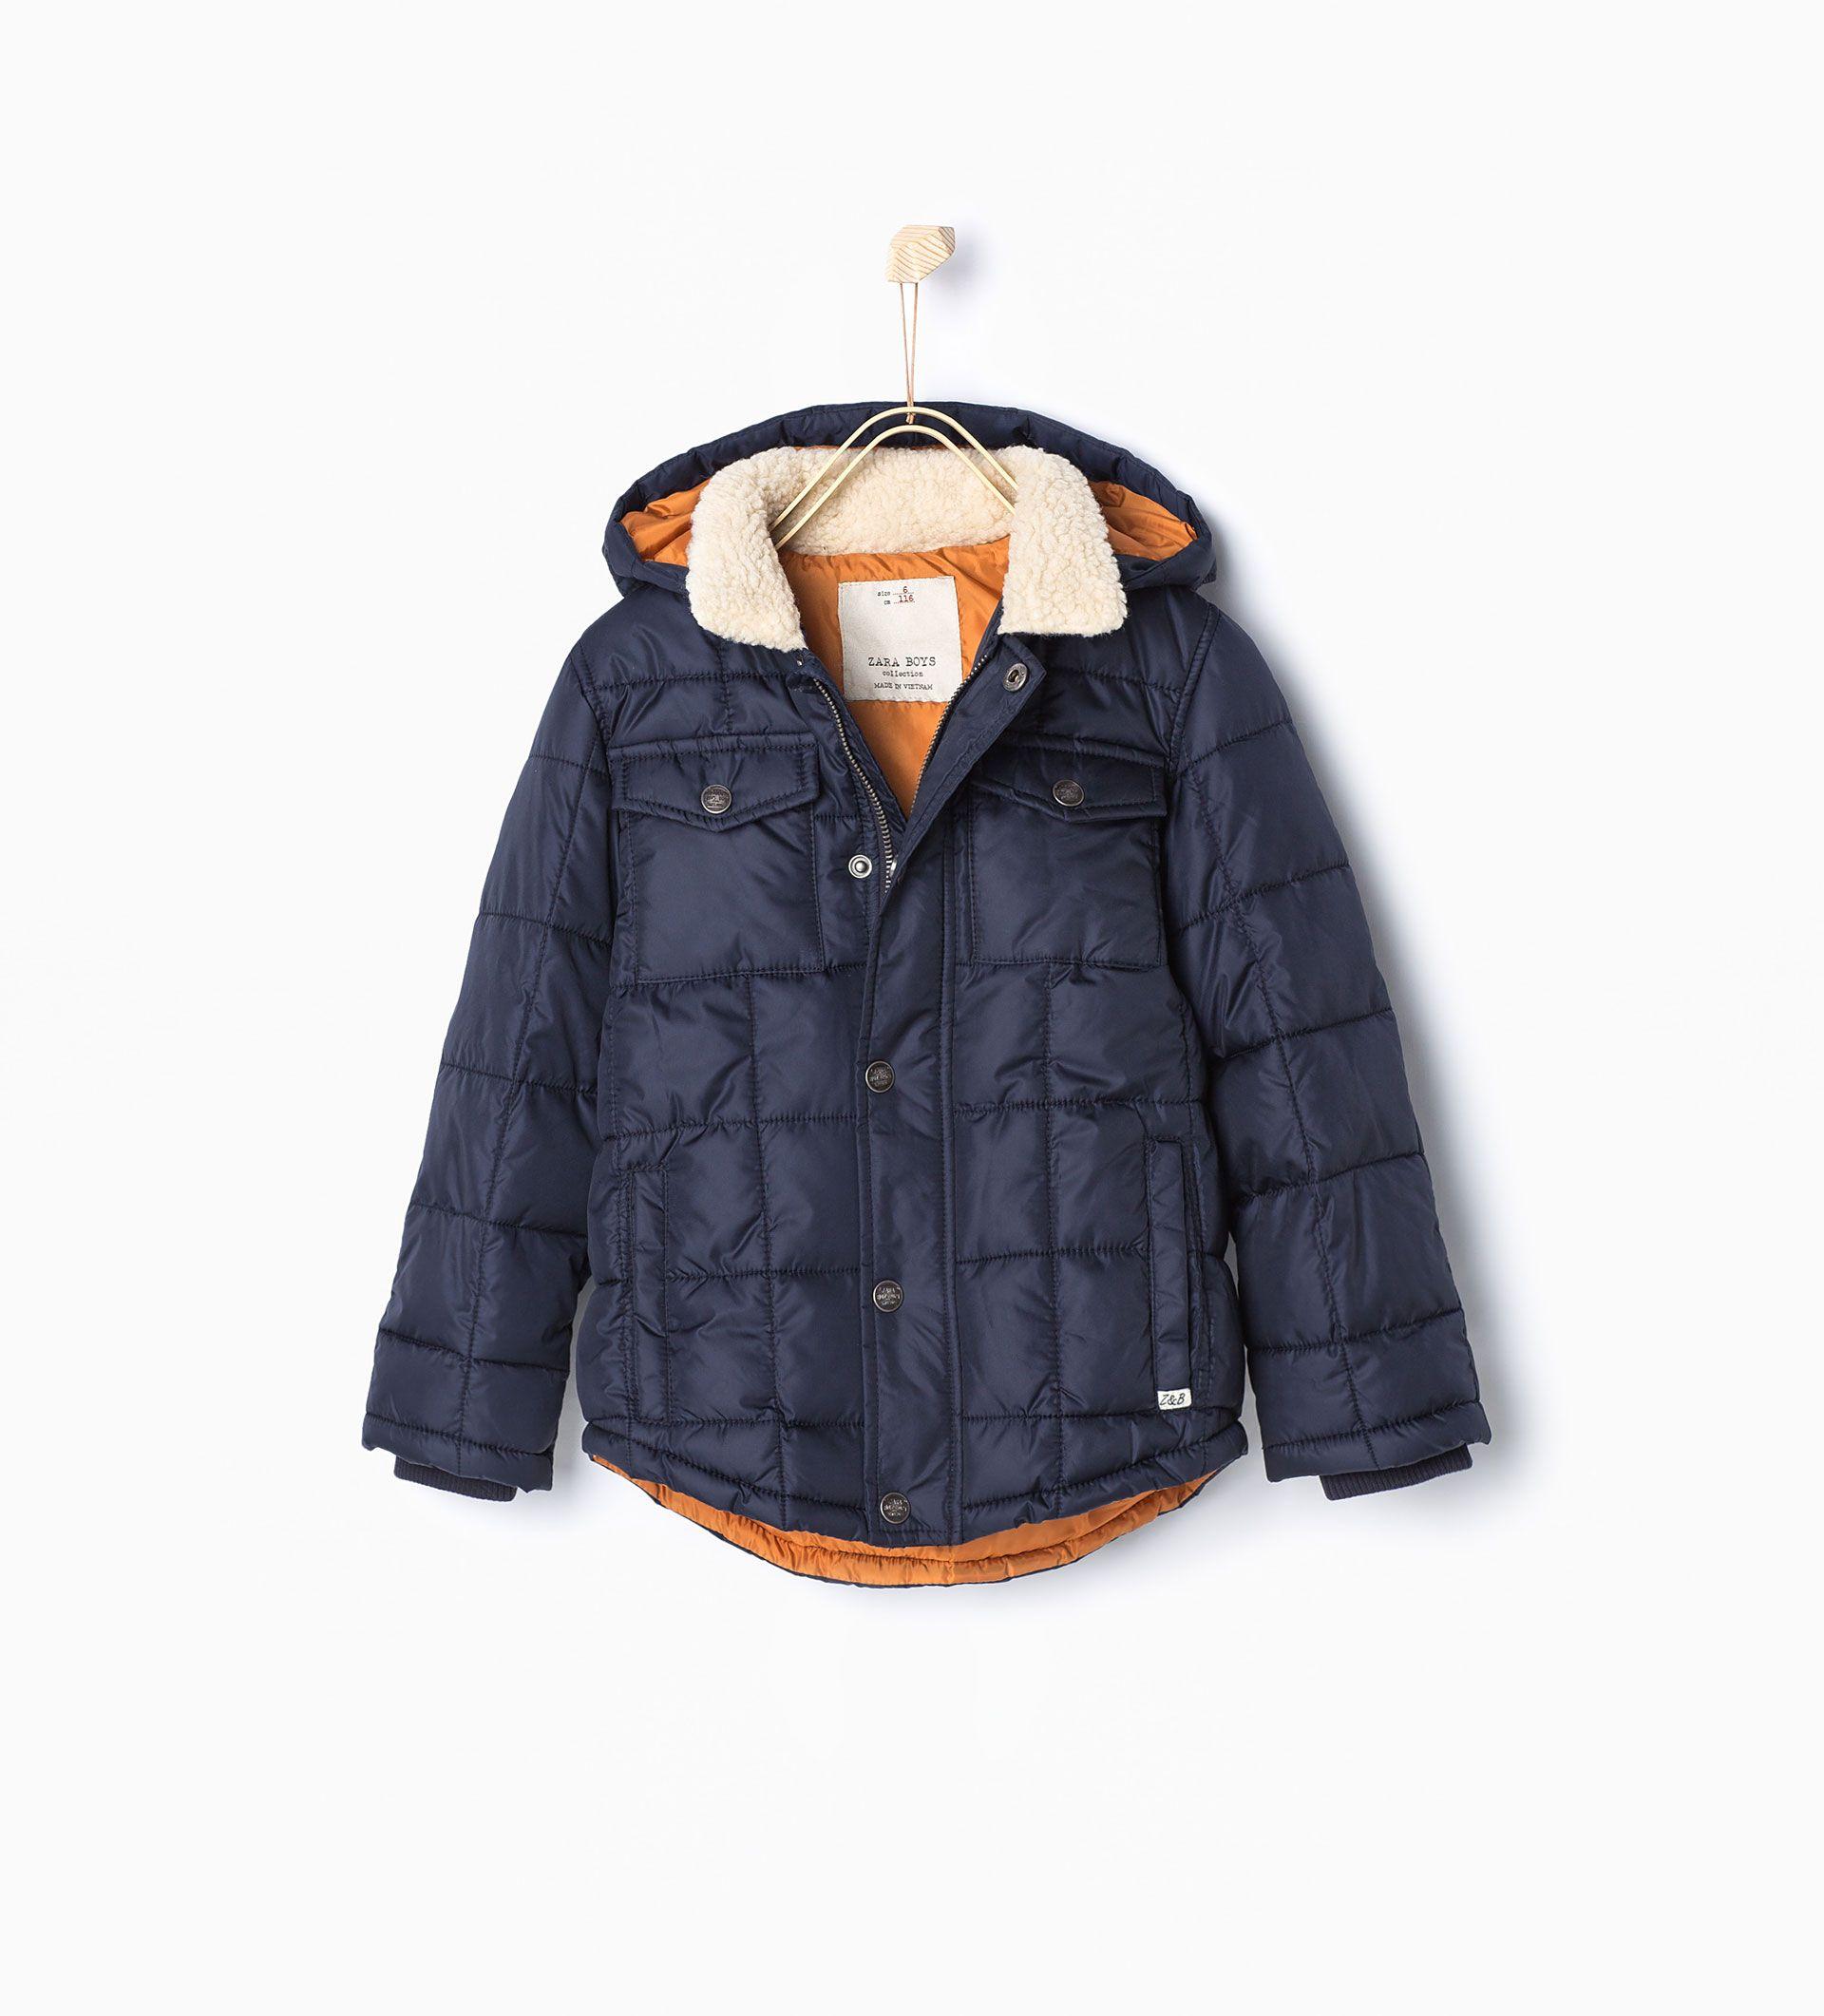 fleece collar jacket view all coats boy 4 14 years #1: c9d3d b9ac1f07ec074a5d